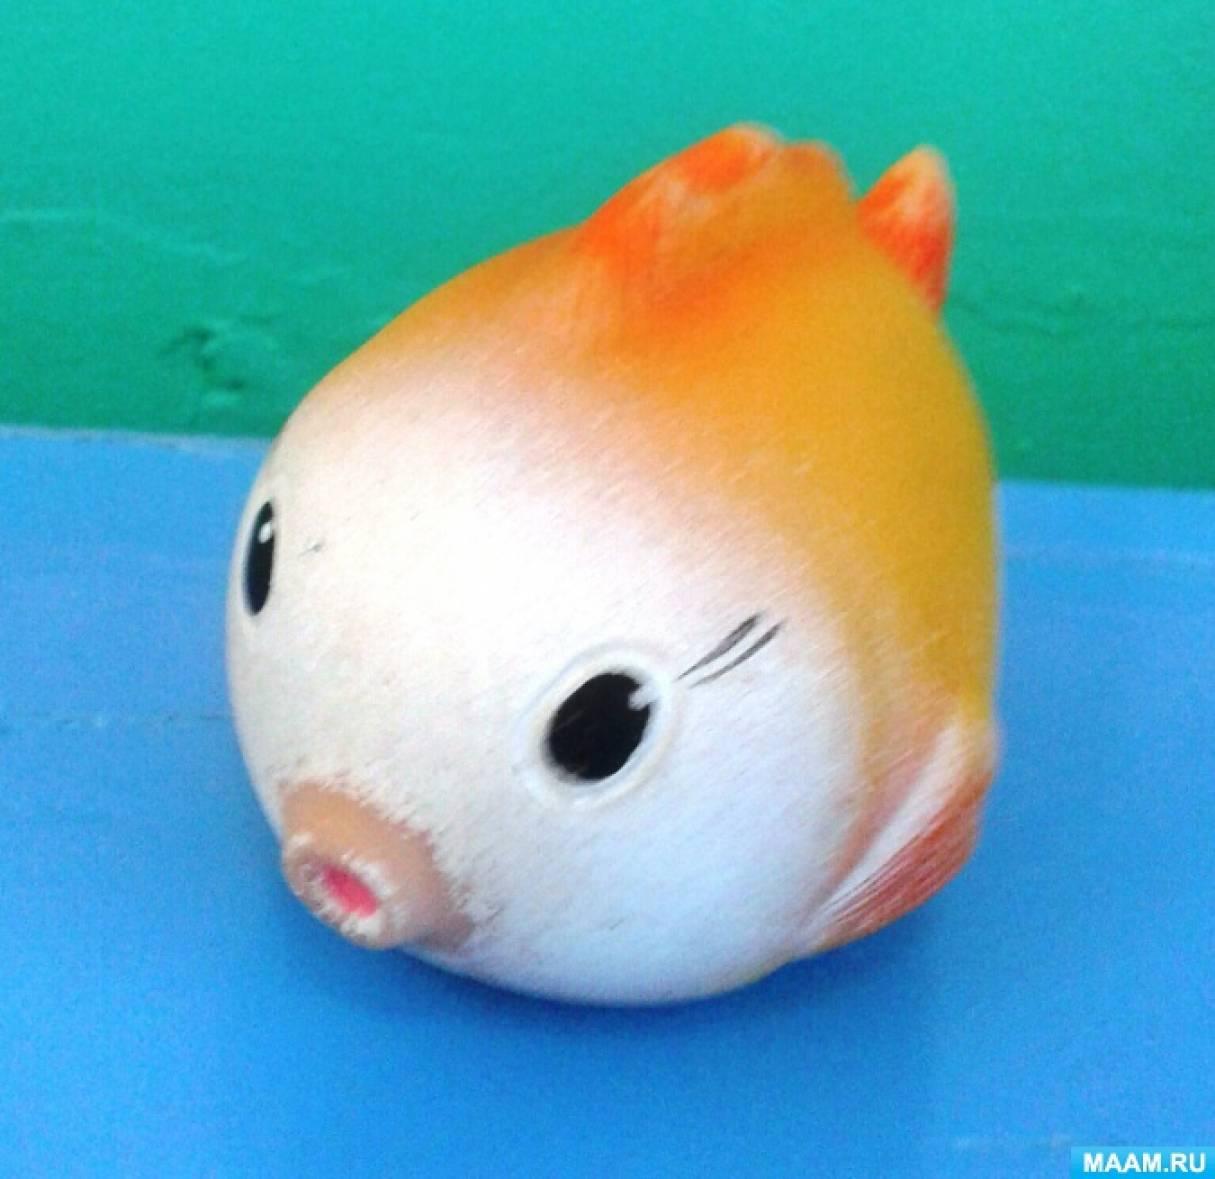 Фотоотчет о НОД по рисованию красками «Рыбки плавают в водичке»